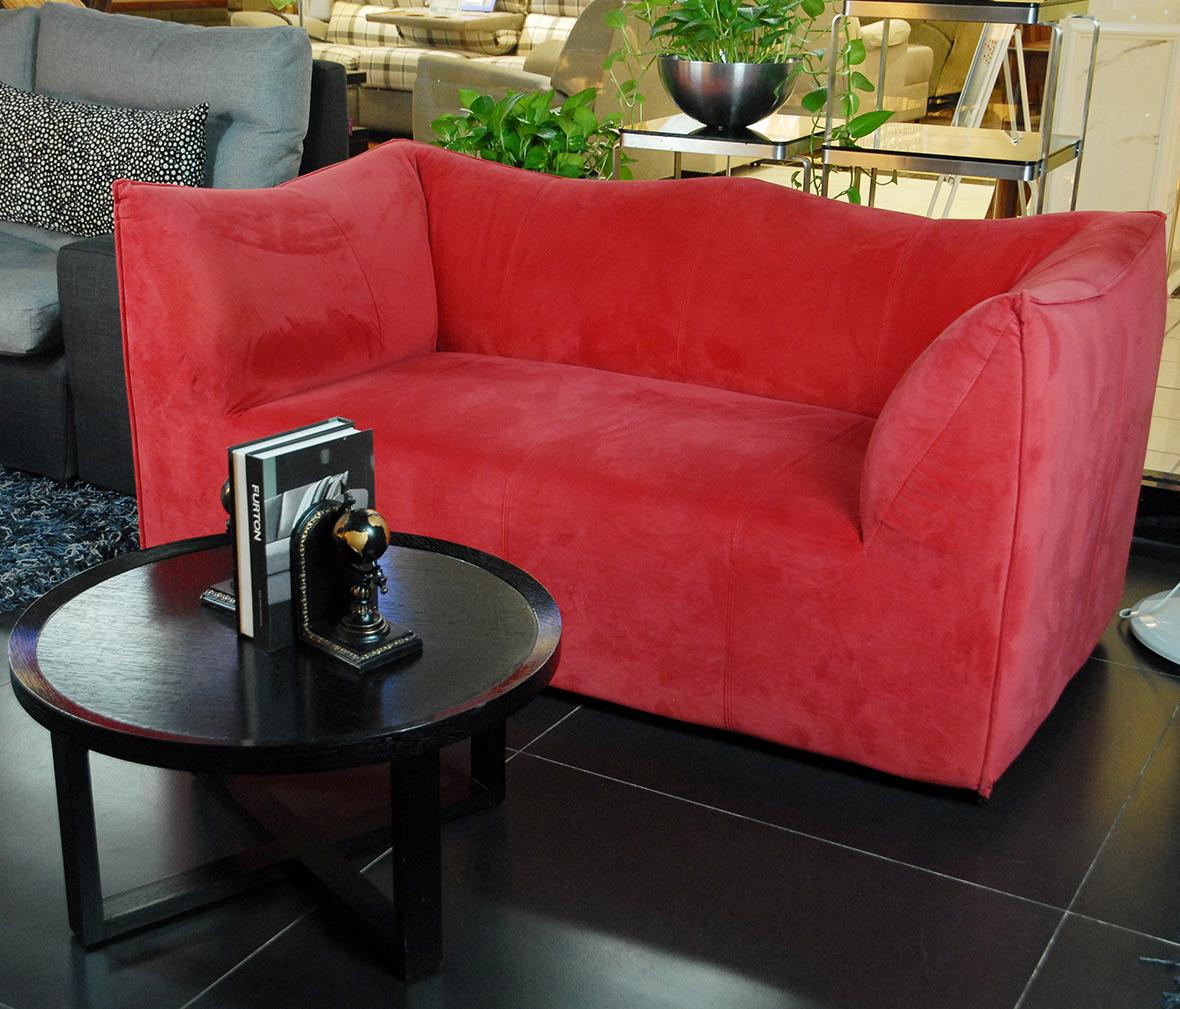 7413-a型号美式古典实木单人沙发 百年工艺打造  眼缘:0  赖氏家具图片